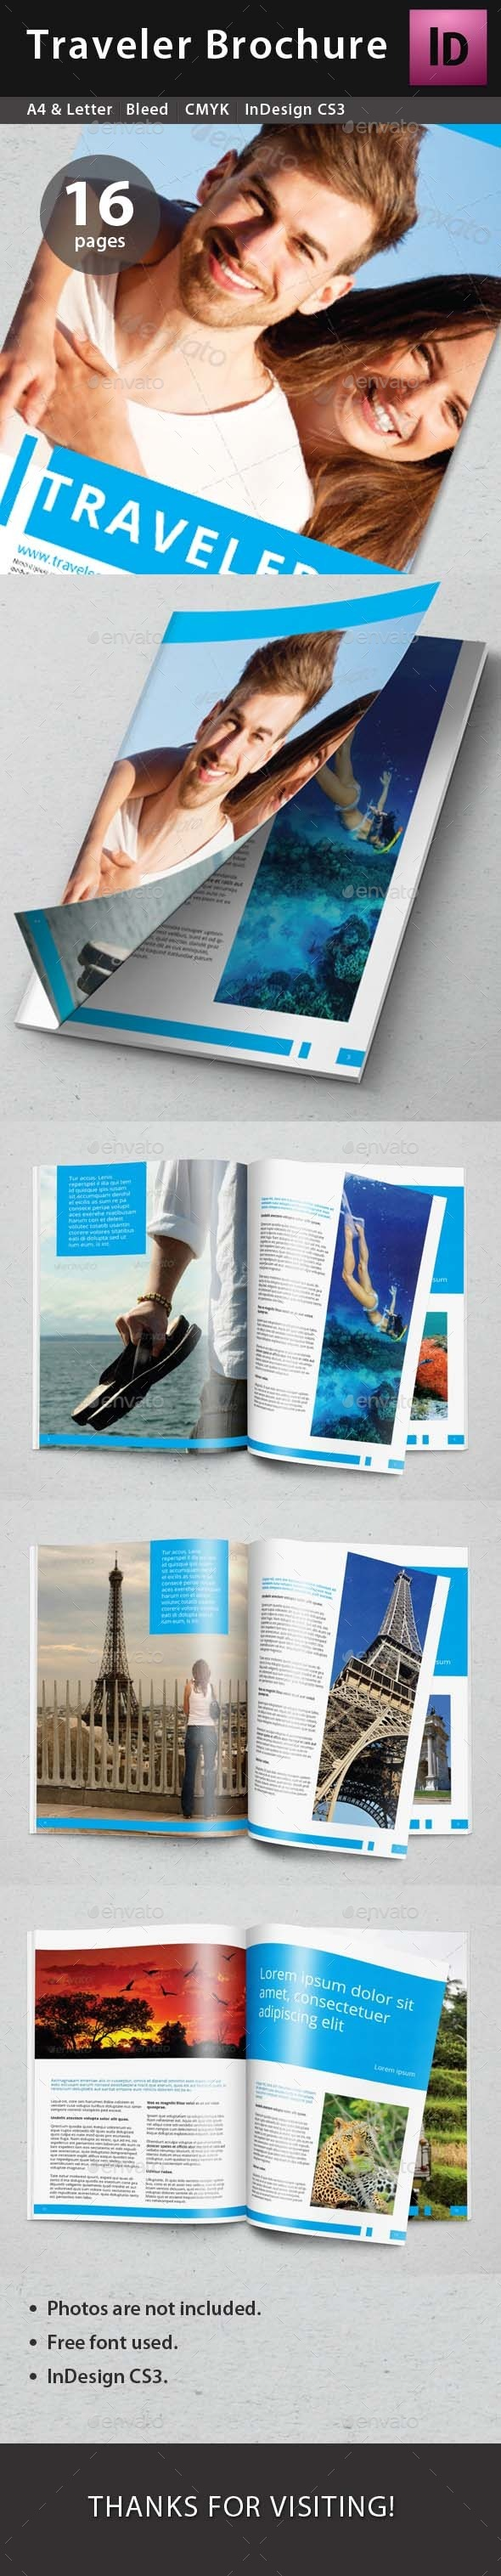 Traveler Brochure - Brochures Print Templates